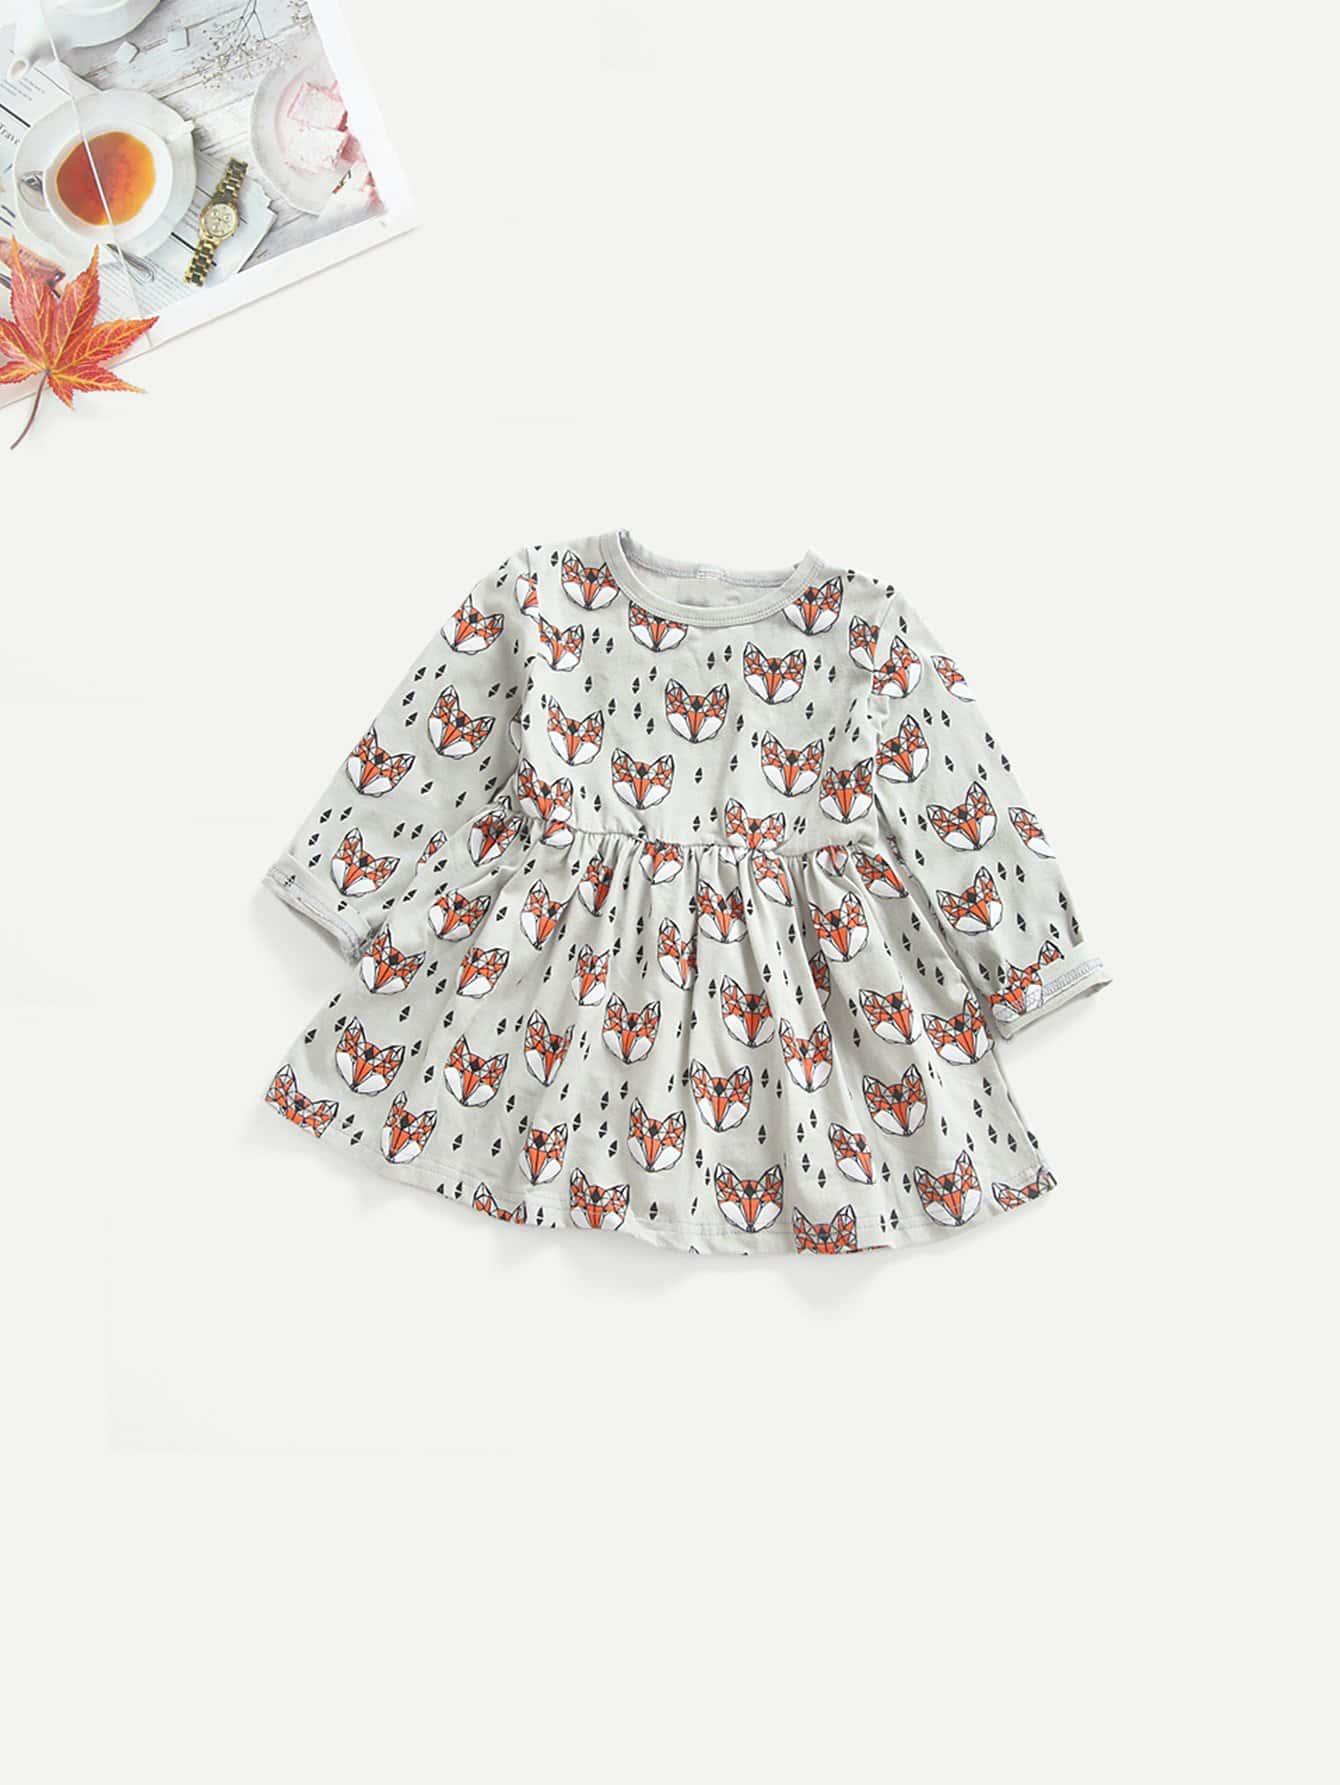 Купить Для маленьких девочек платье с принтом мультфильма, null, SheIn